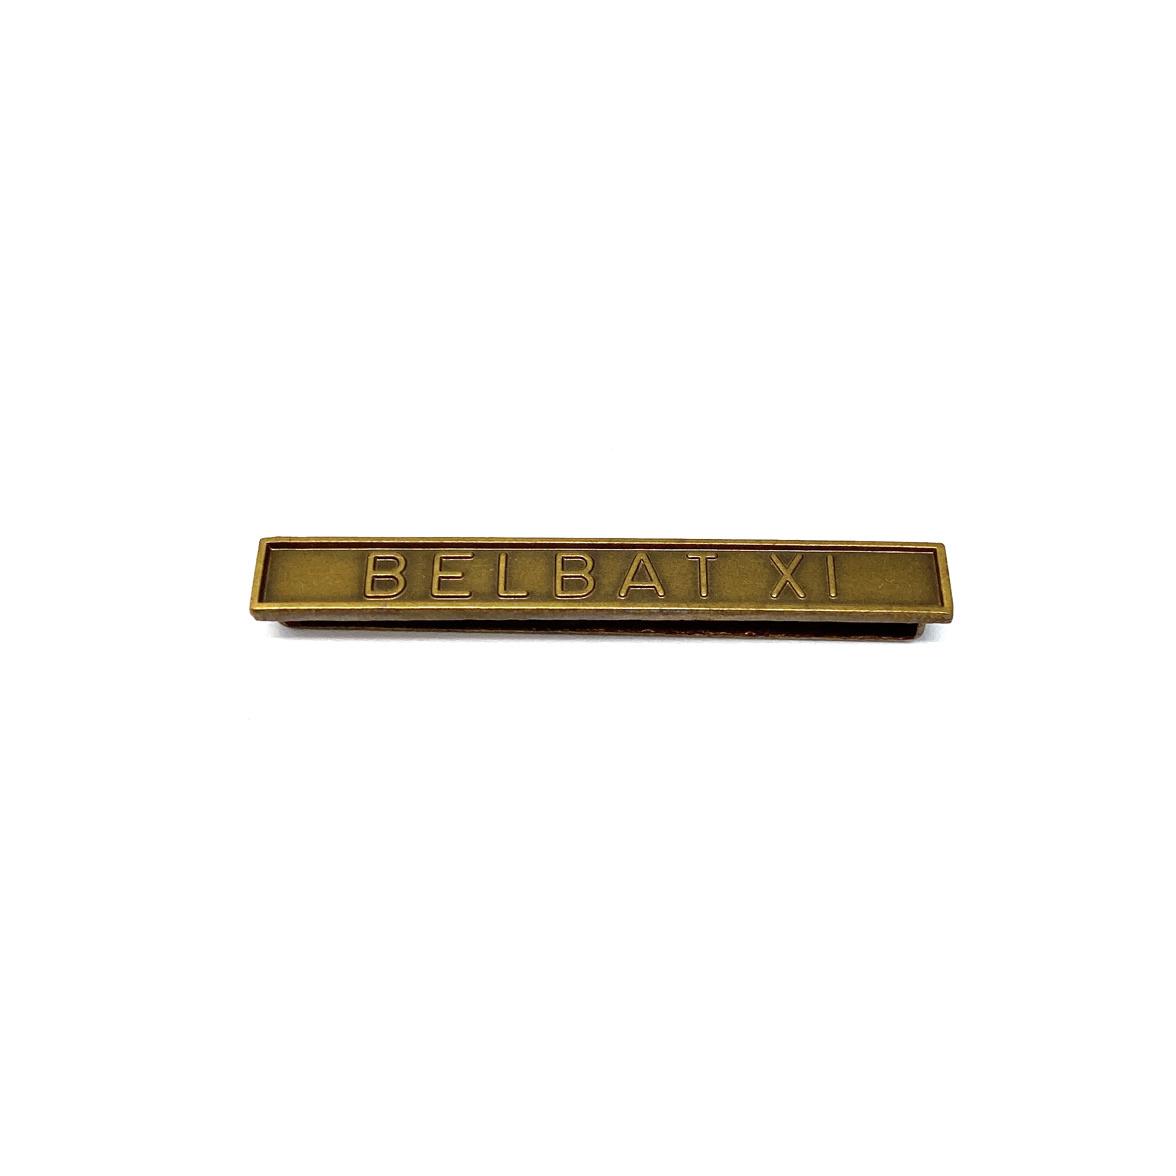 Barrette Belbat XI pour décorations militaires